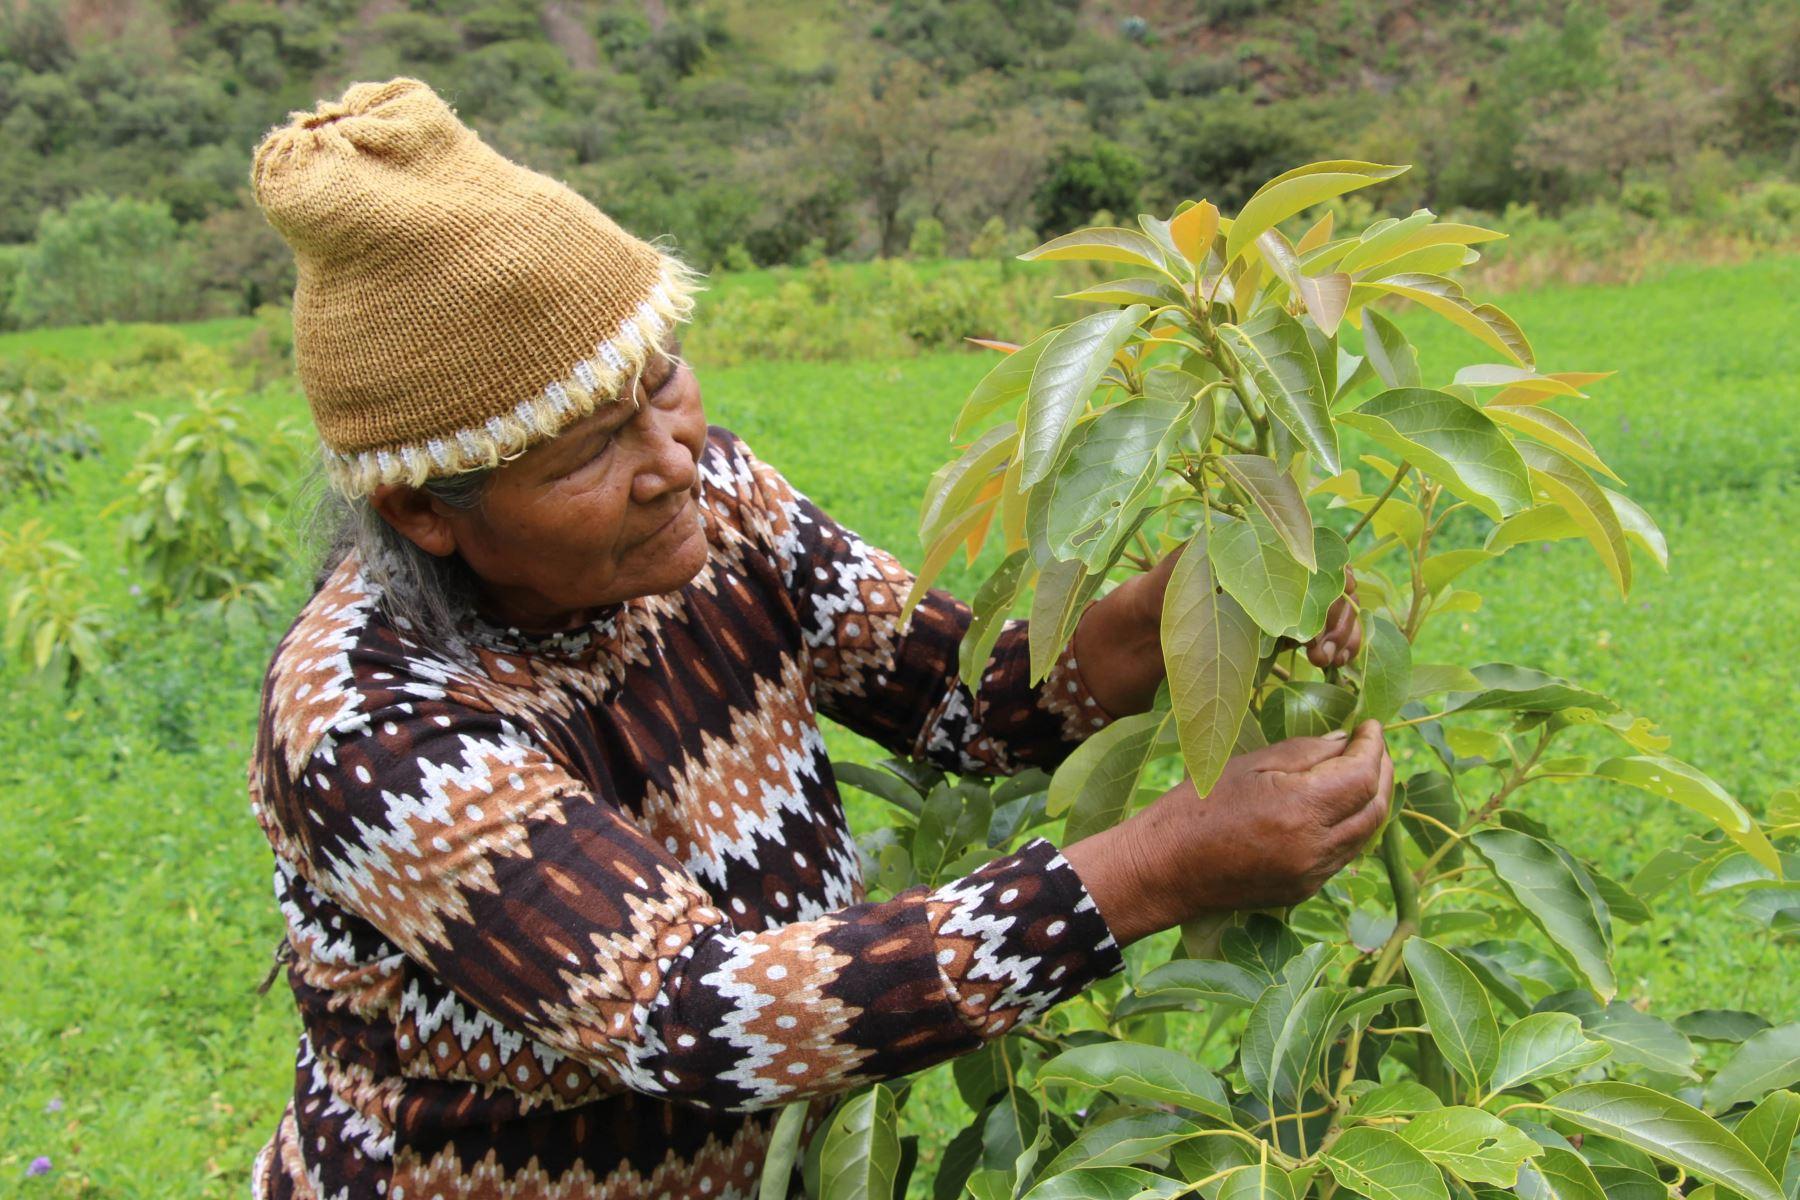 Esta iniciativa forma parte del manejo agronómico del campo y buscan mejorar la calidad de vida del agricultor.